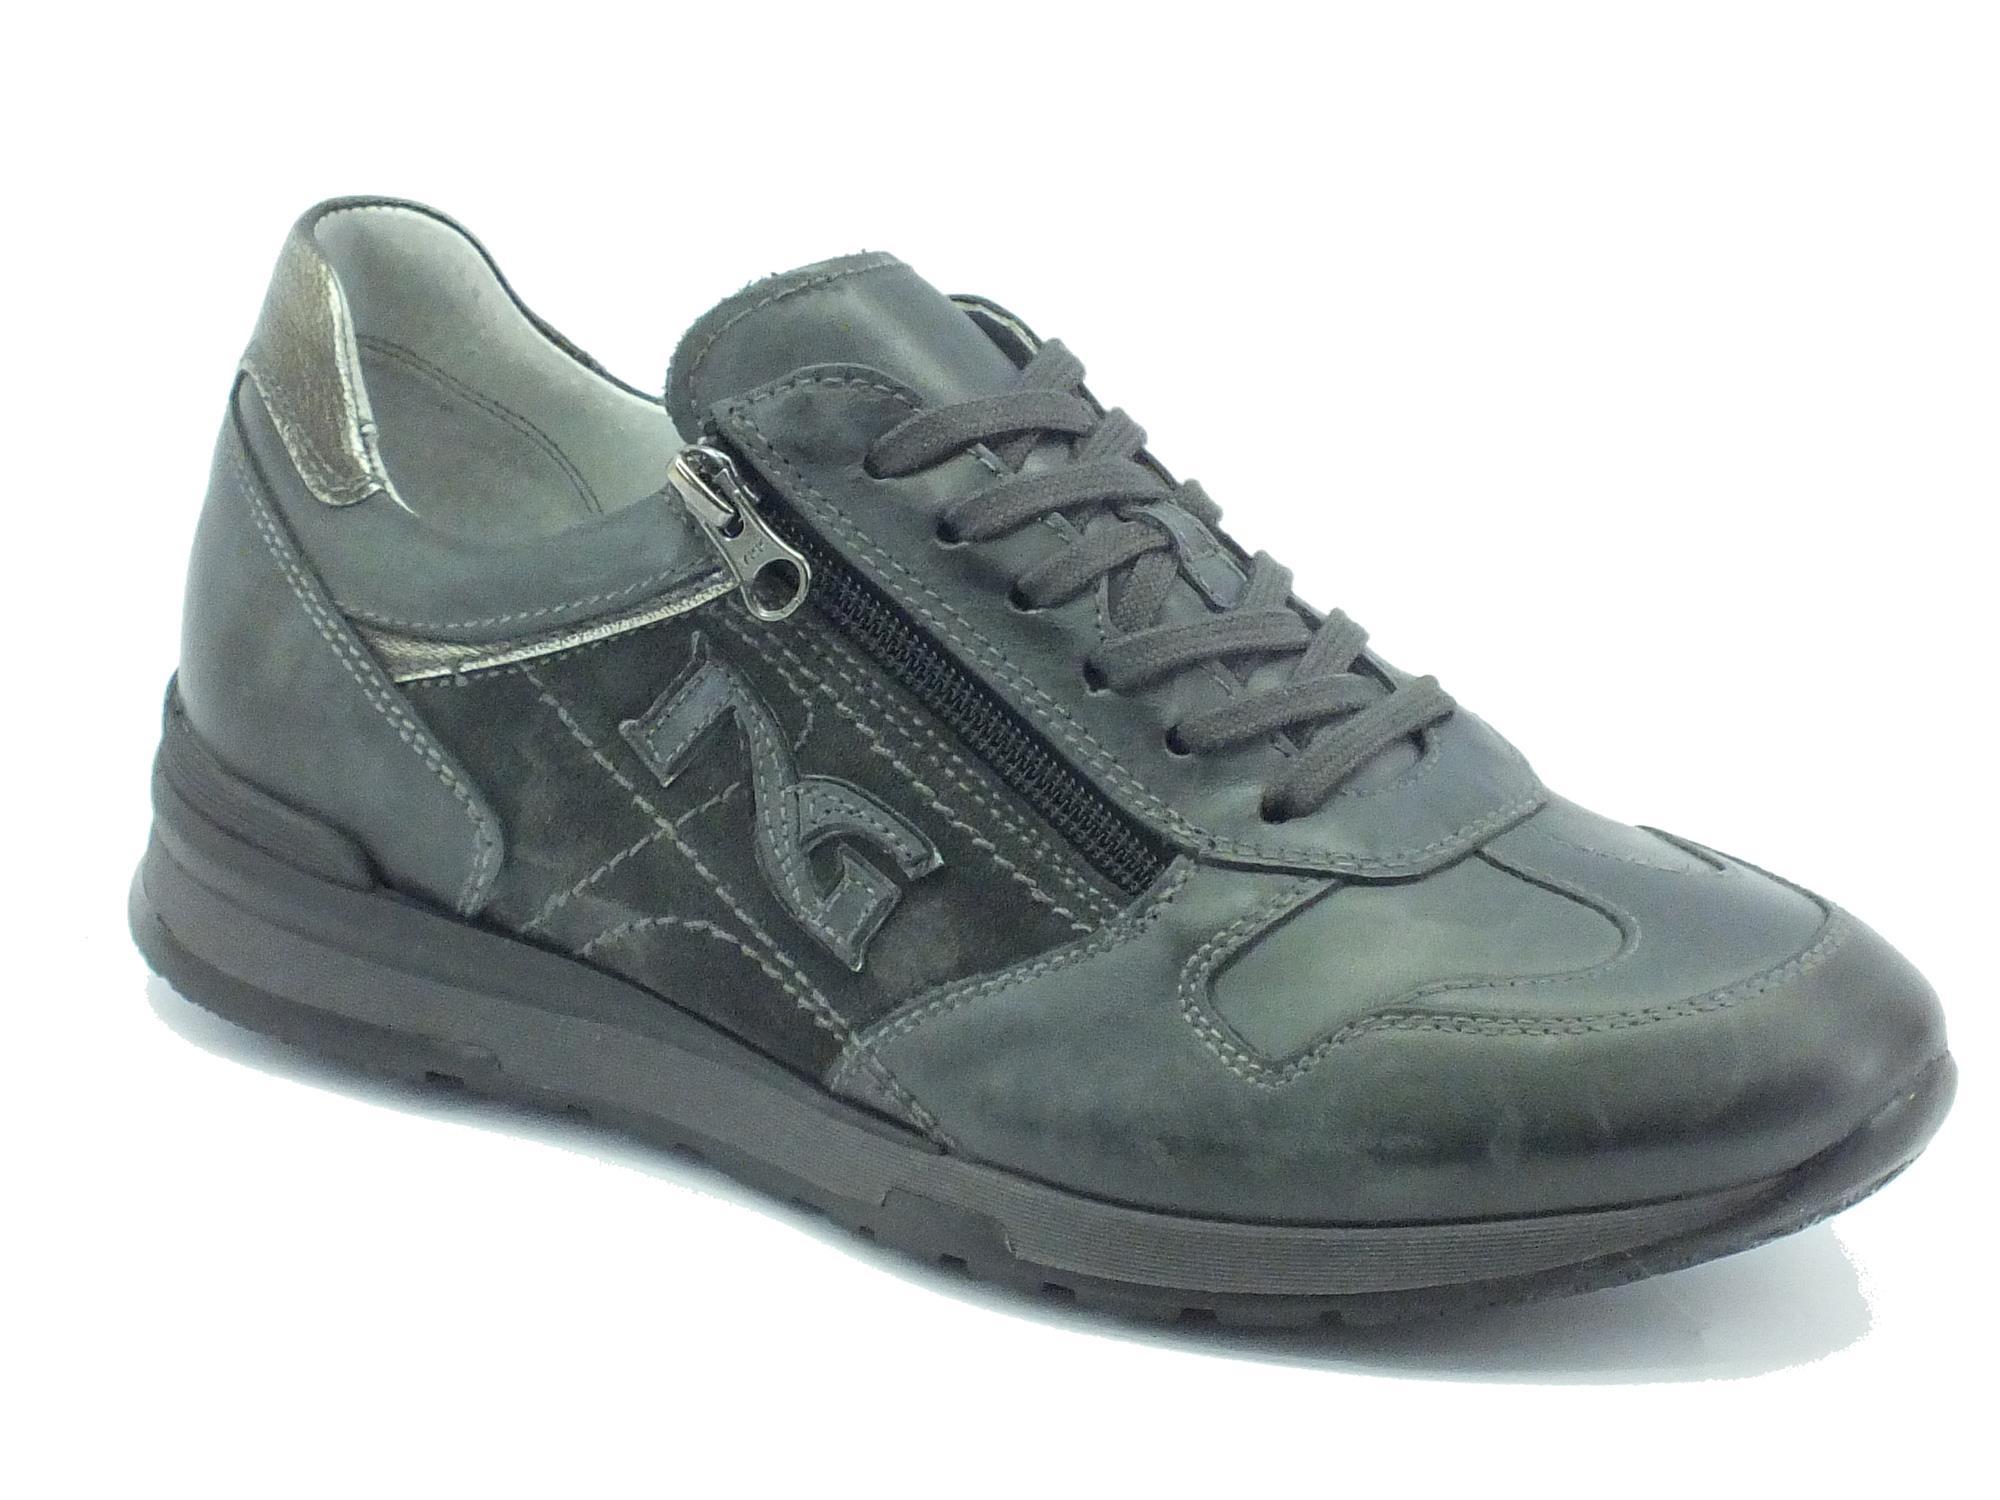 Scarpe sportive NeroGiardini uomo pelle antracite - Vitiello Calzature 046c213c0bf